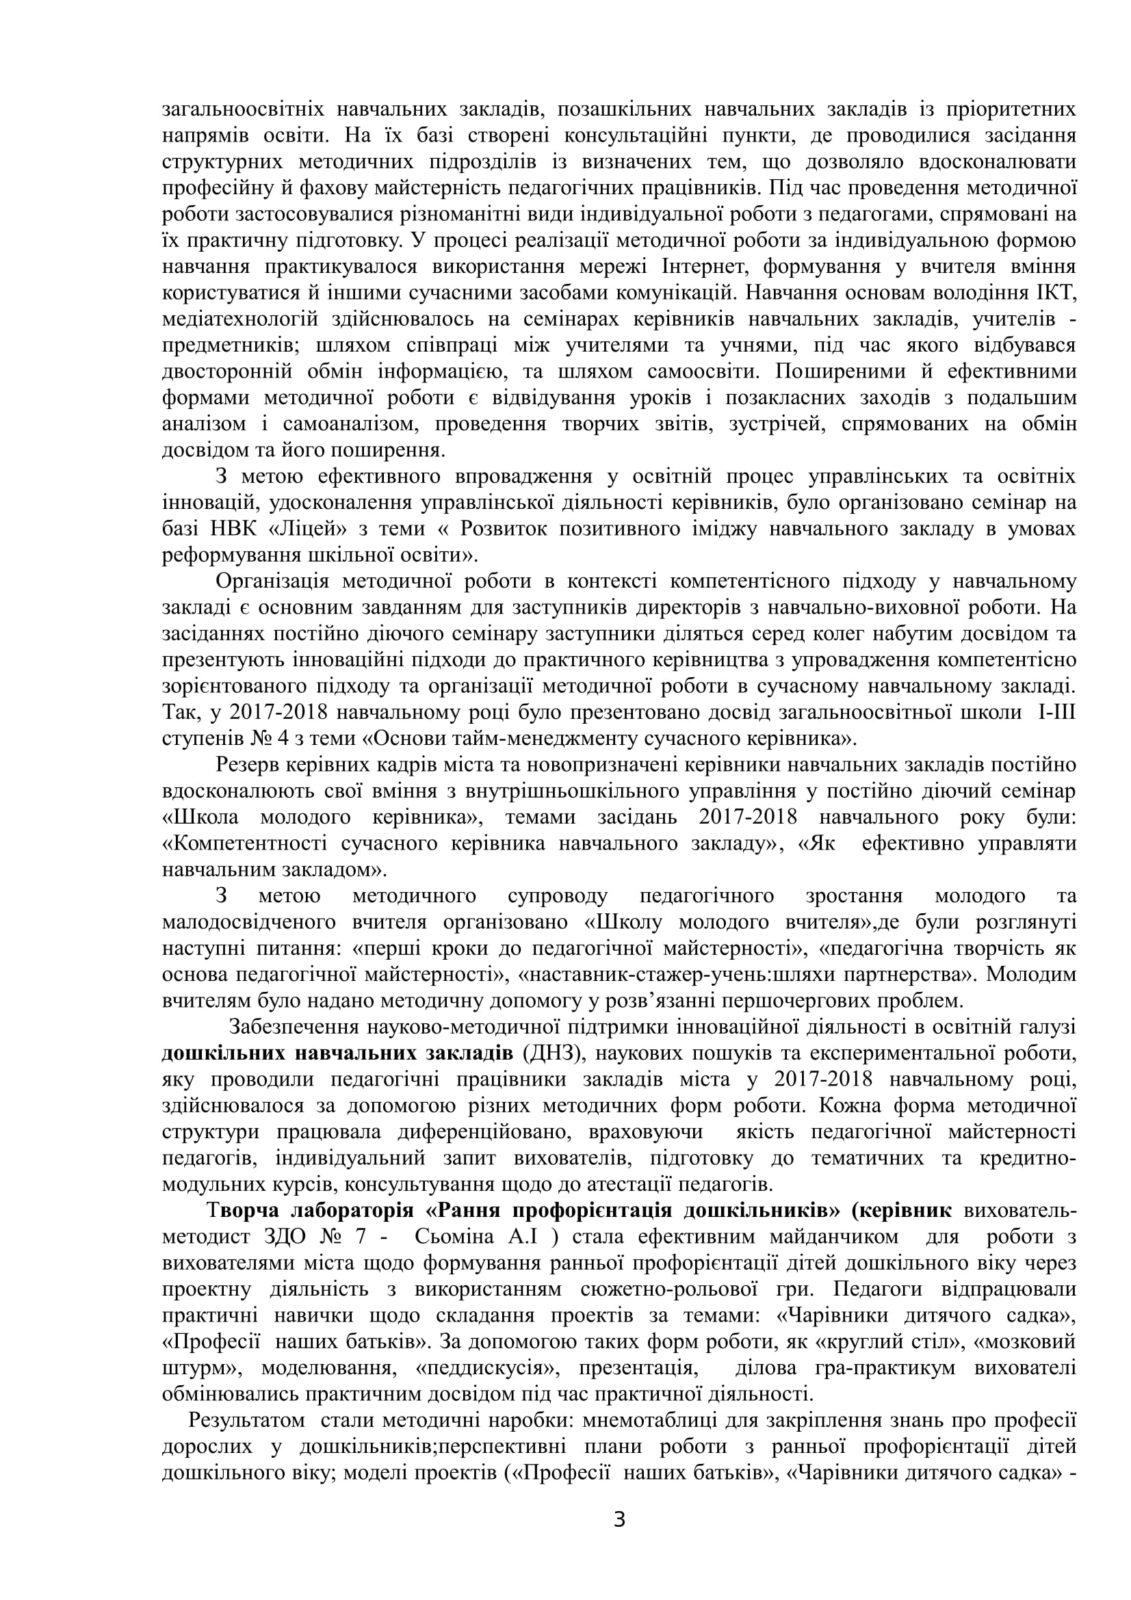 Костянтинівка 2018-2019 - ММК план роботи-04